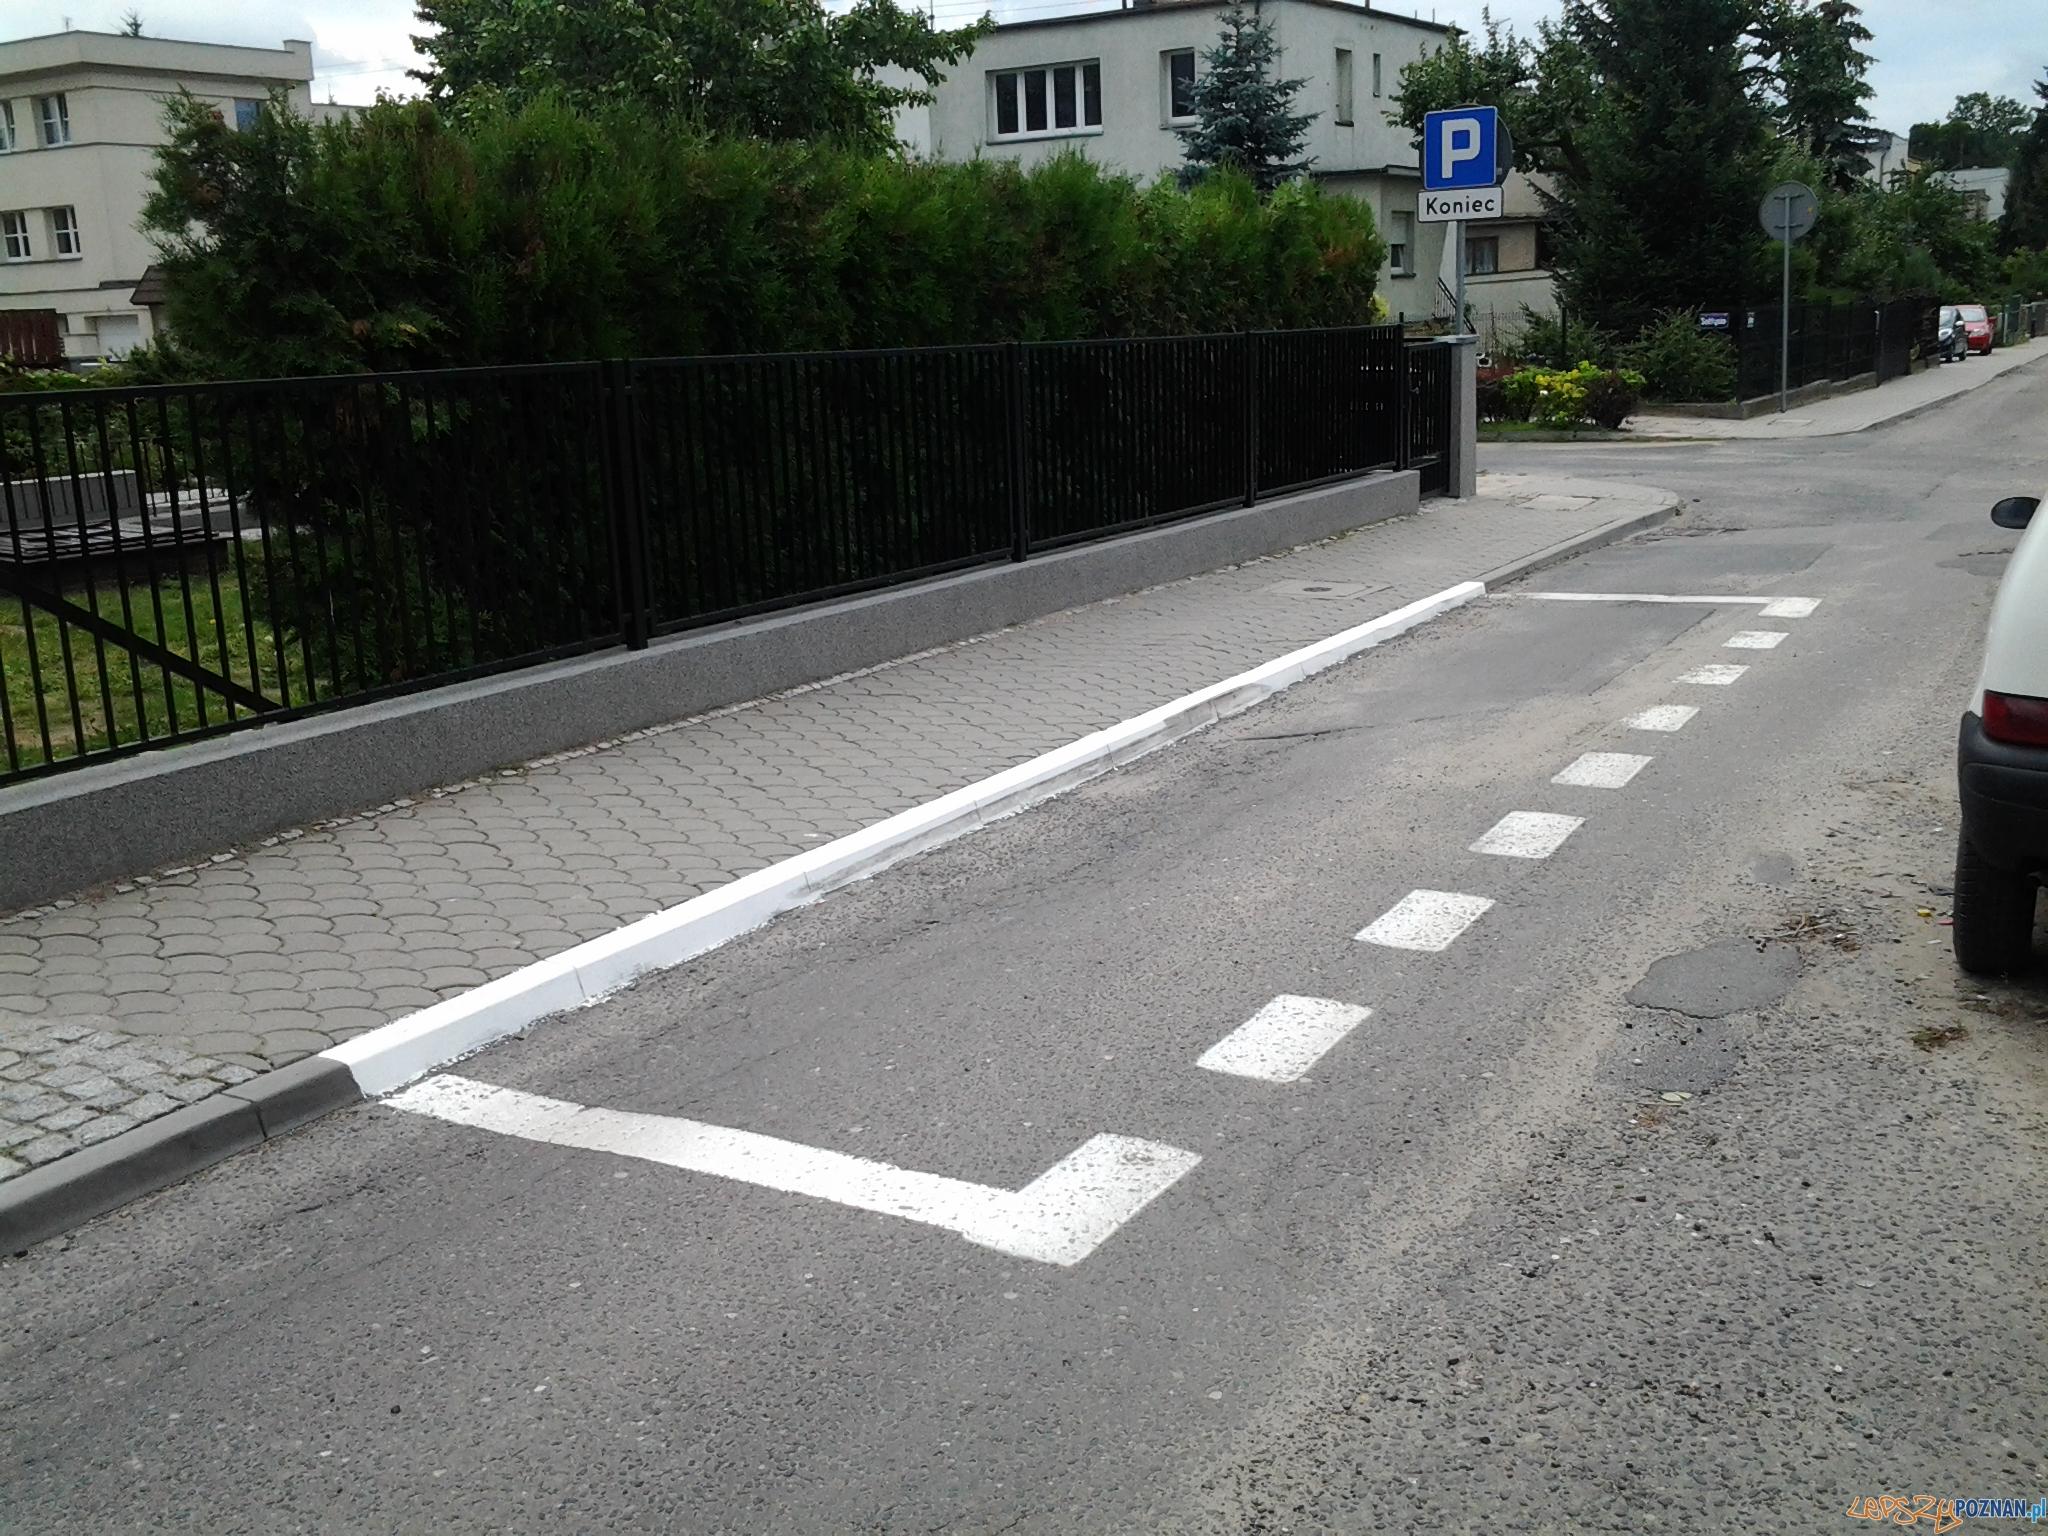 Wyznaczone miejsca postojowe na ulicy Kmiecej  Foto: lepszyPOZNAN.pl / gsm